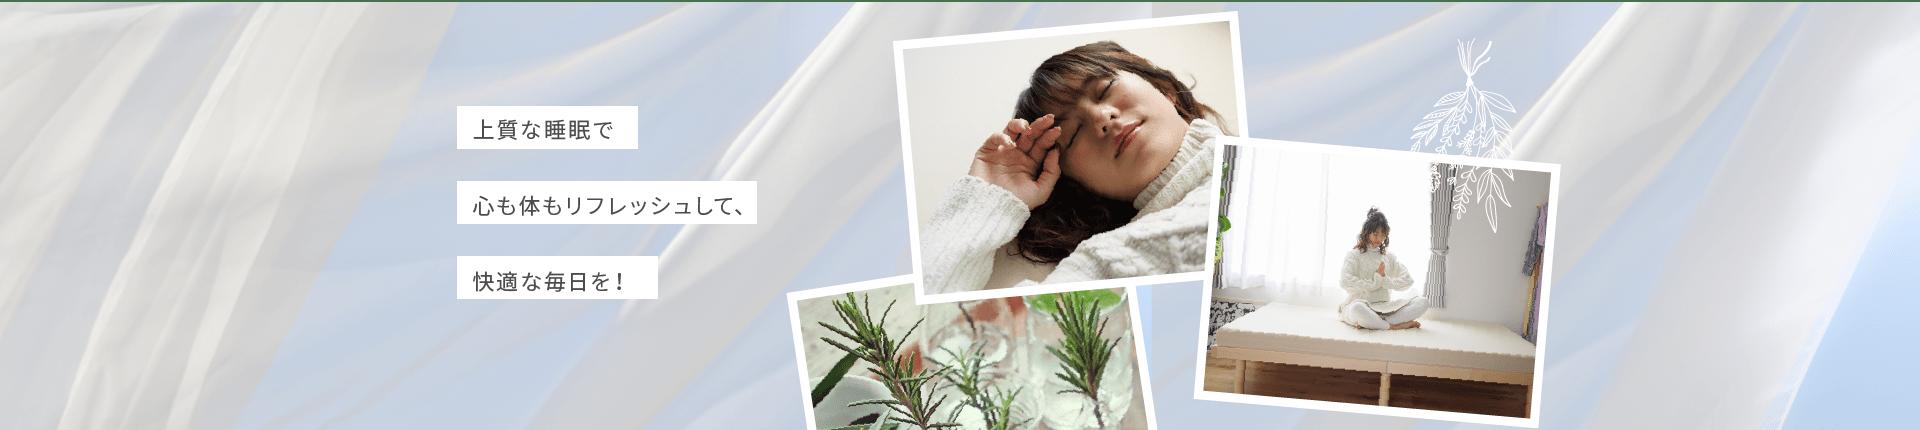 上質な睡眠で、心も体もリフレッシュして、快適な毎日を